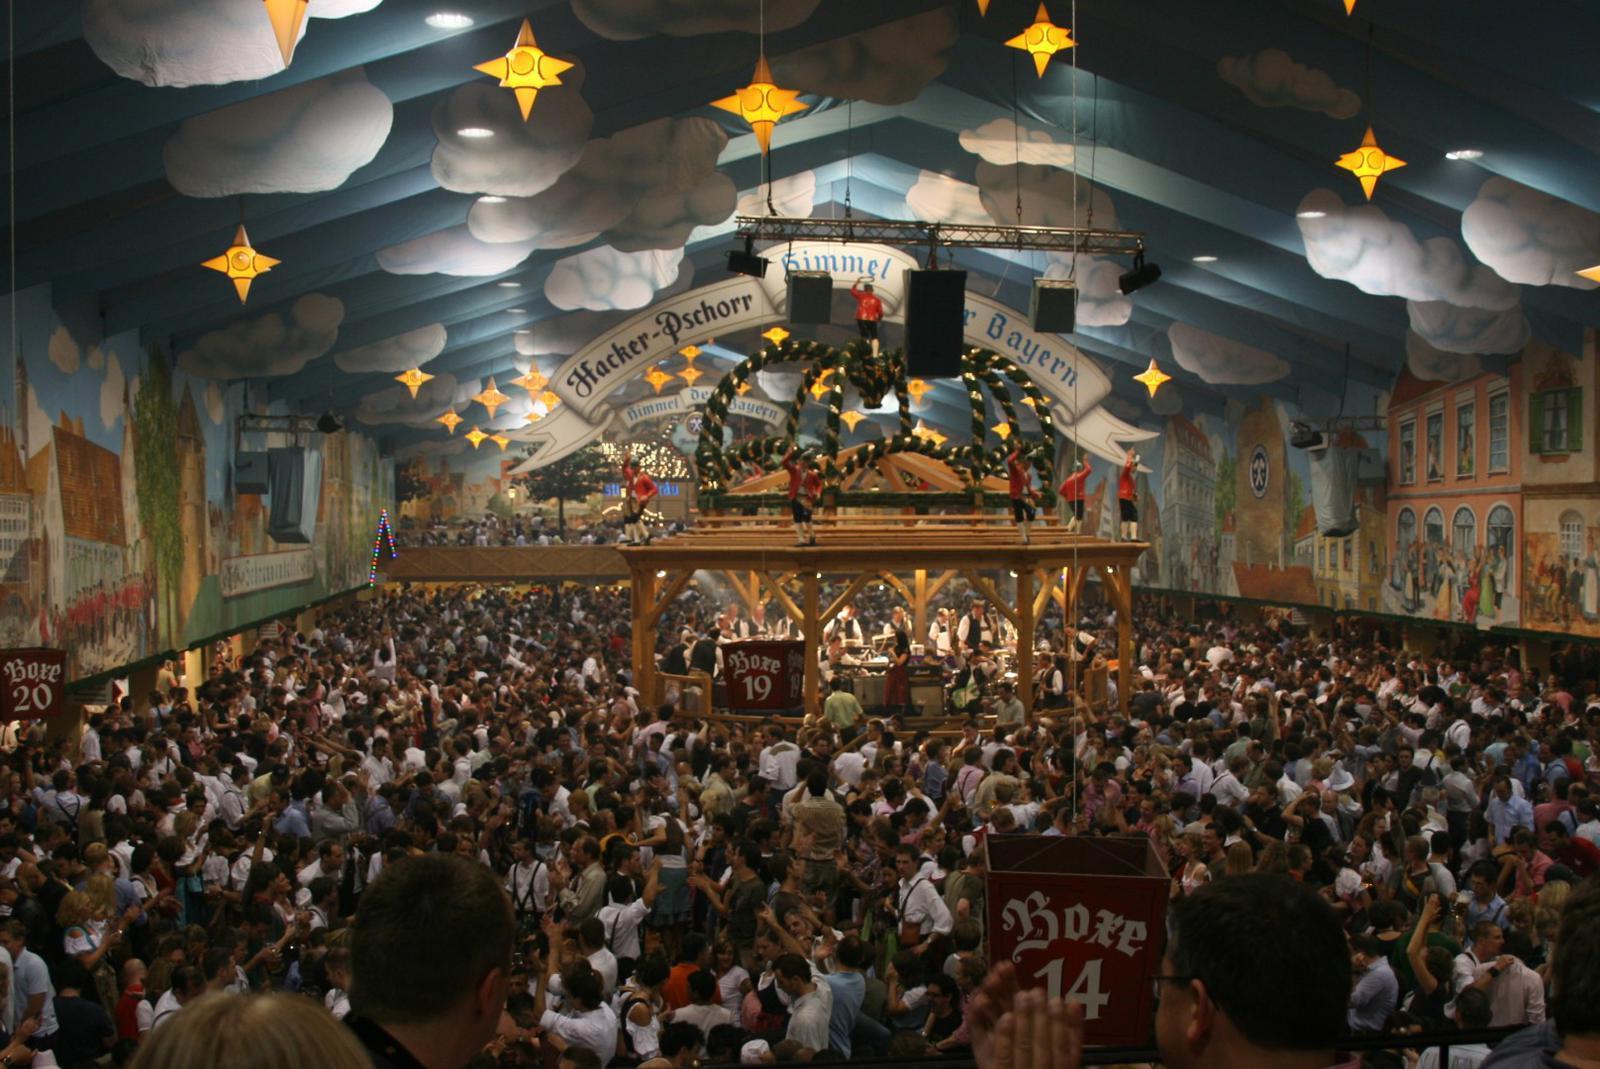 fiestas del mundo Interior de una de las carpas del Oktoberfest.